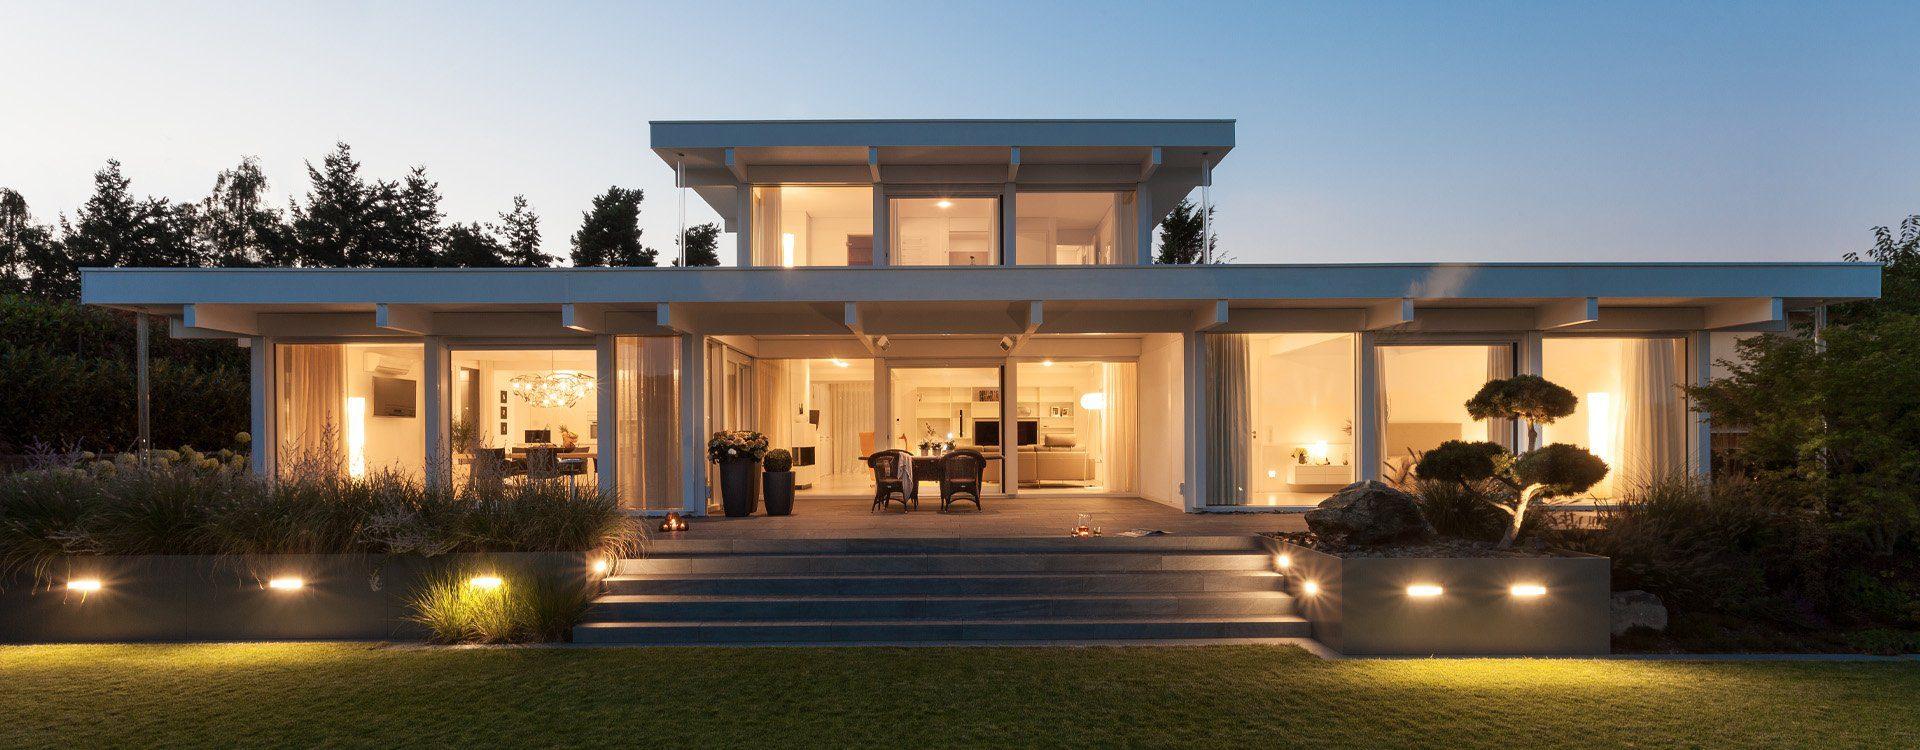 Luxus innenausstattung haus  Startseite - DAVINCI HAUS